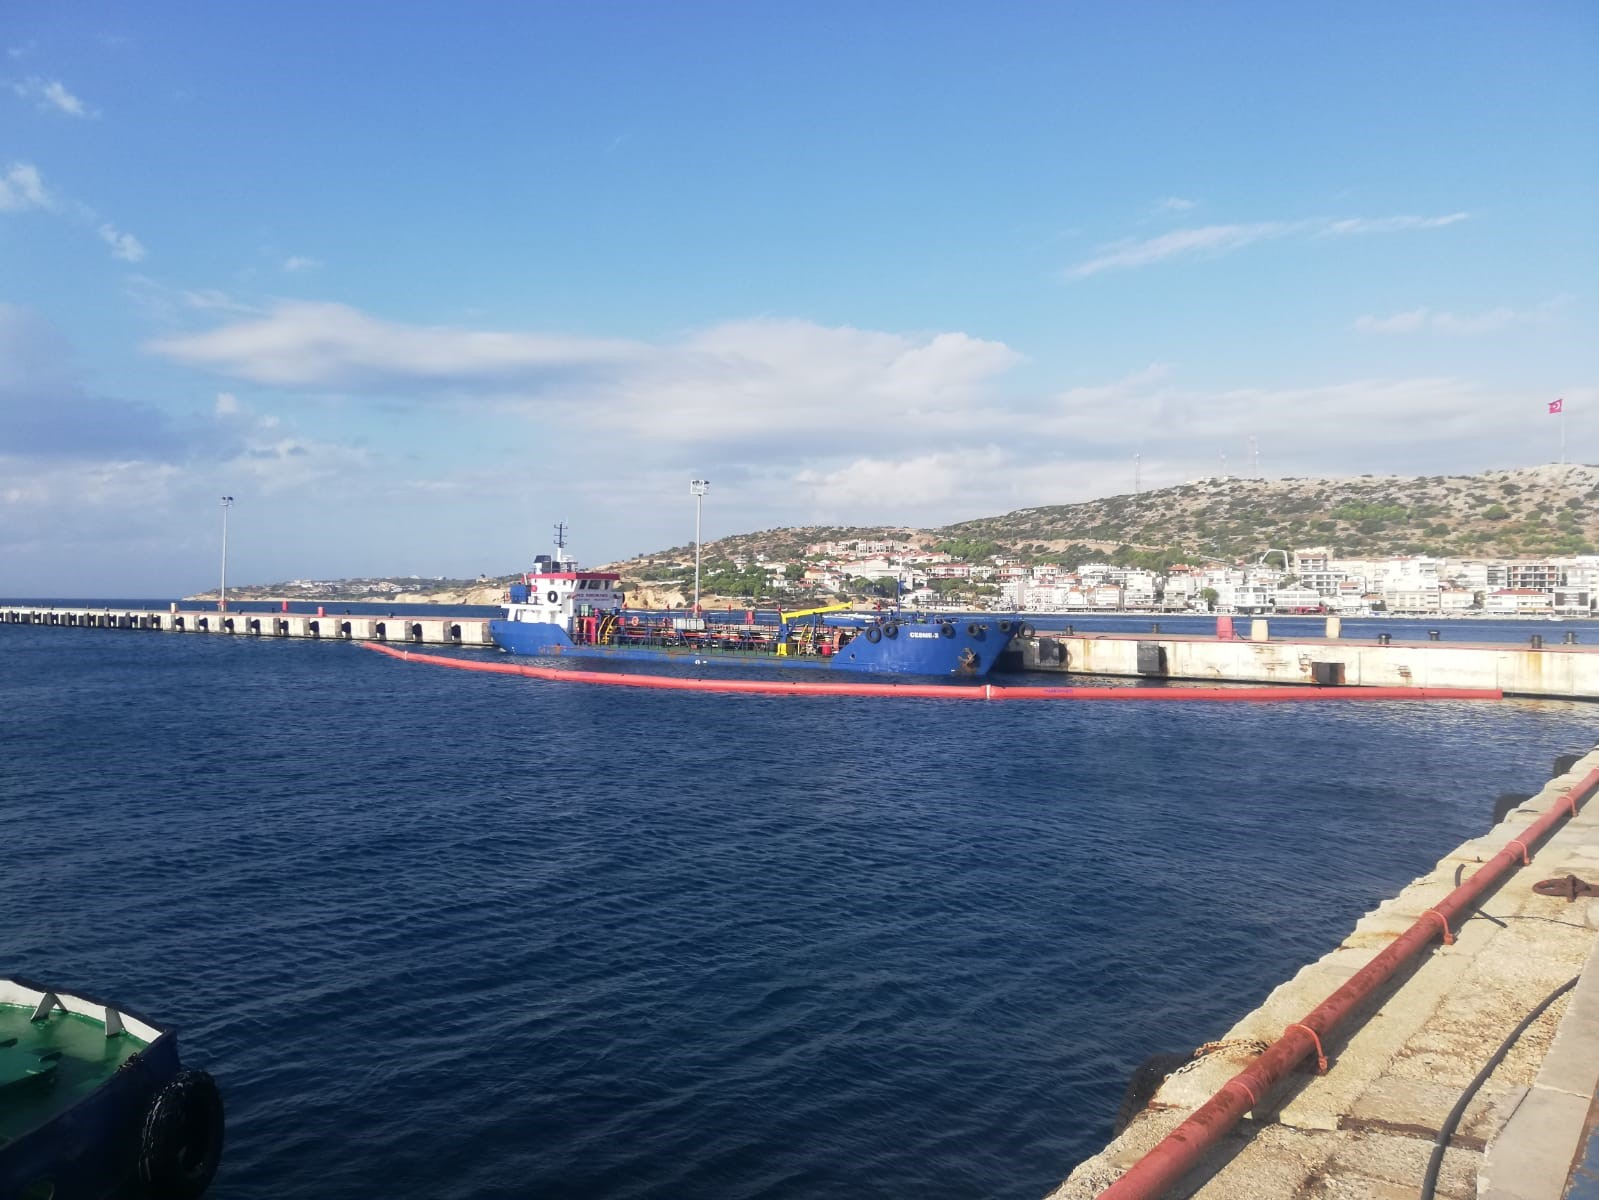 5-7 Kasım 2019 tarihleri arasında İzmir İlinde yer alan kıyı tesislerinde, Acil Müdahale Planları kapsamında denetimler gerçekleştirildi.